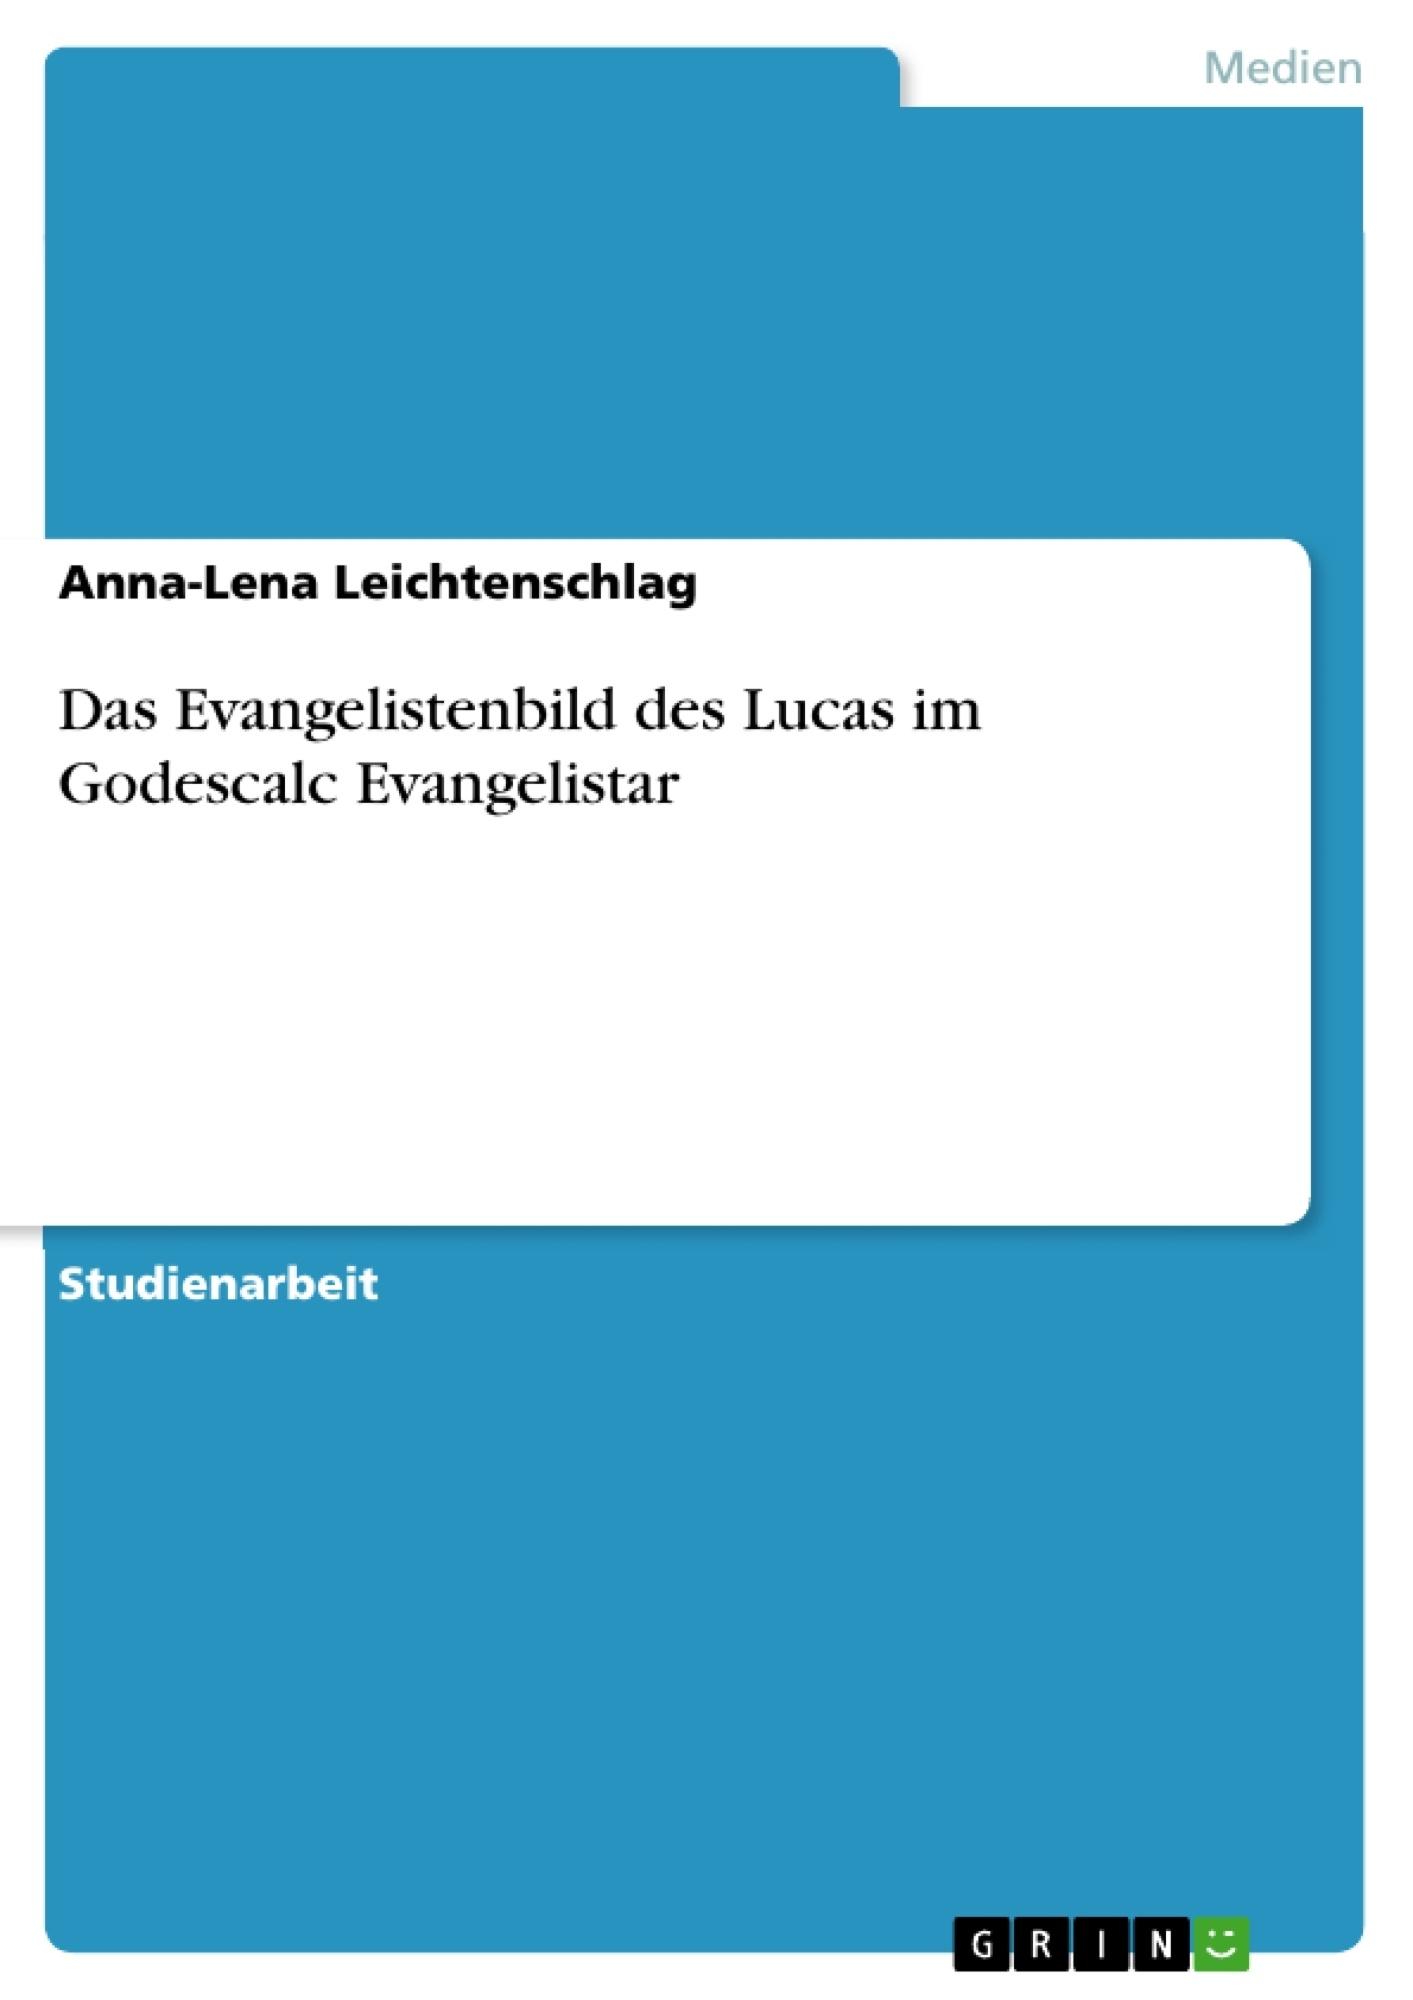 Titel: Das Evangelistenbild des Lucas im Godescalc Evangelistar